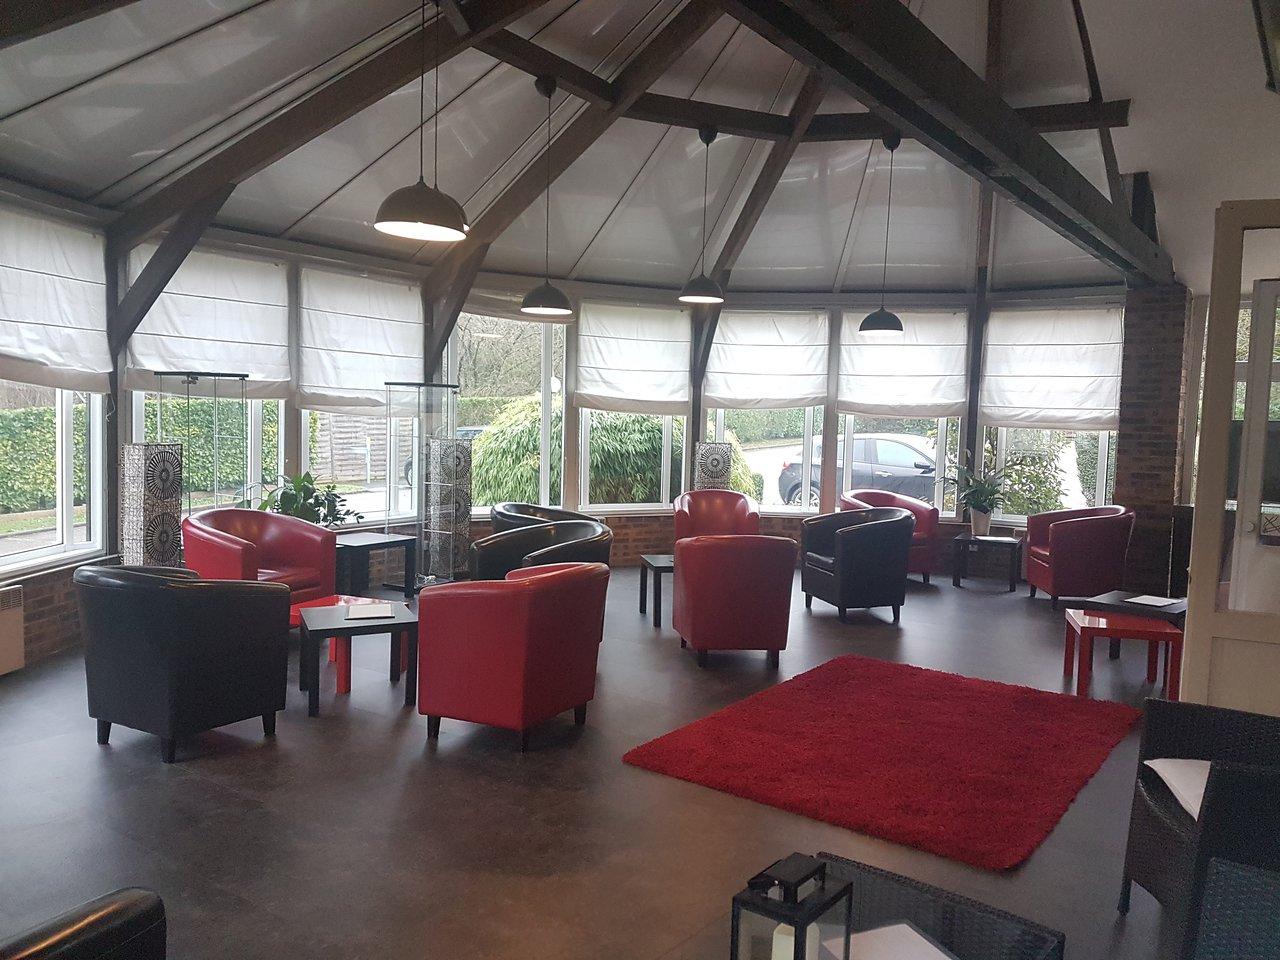 Hôtel Kyriad Epernay (Épernay) : Tarifs 2020 Mis À Jour, 87 ... tout Piscine Epernay